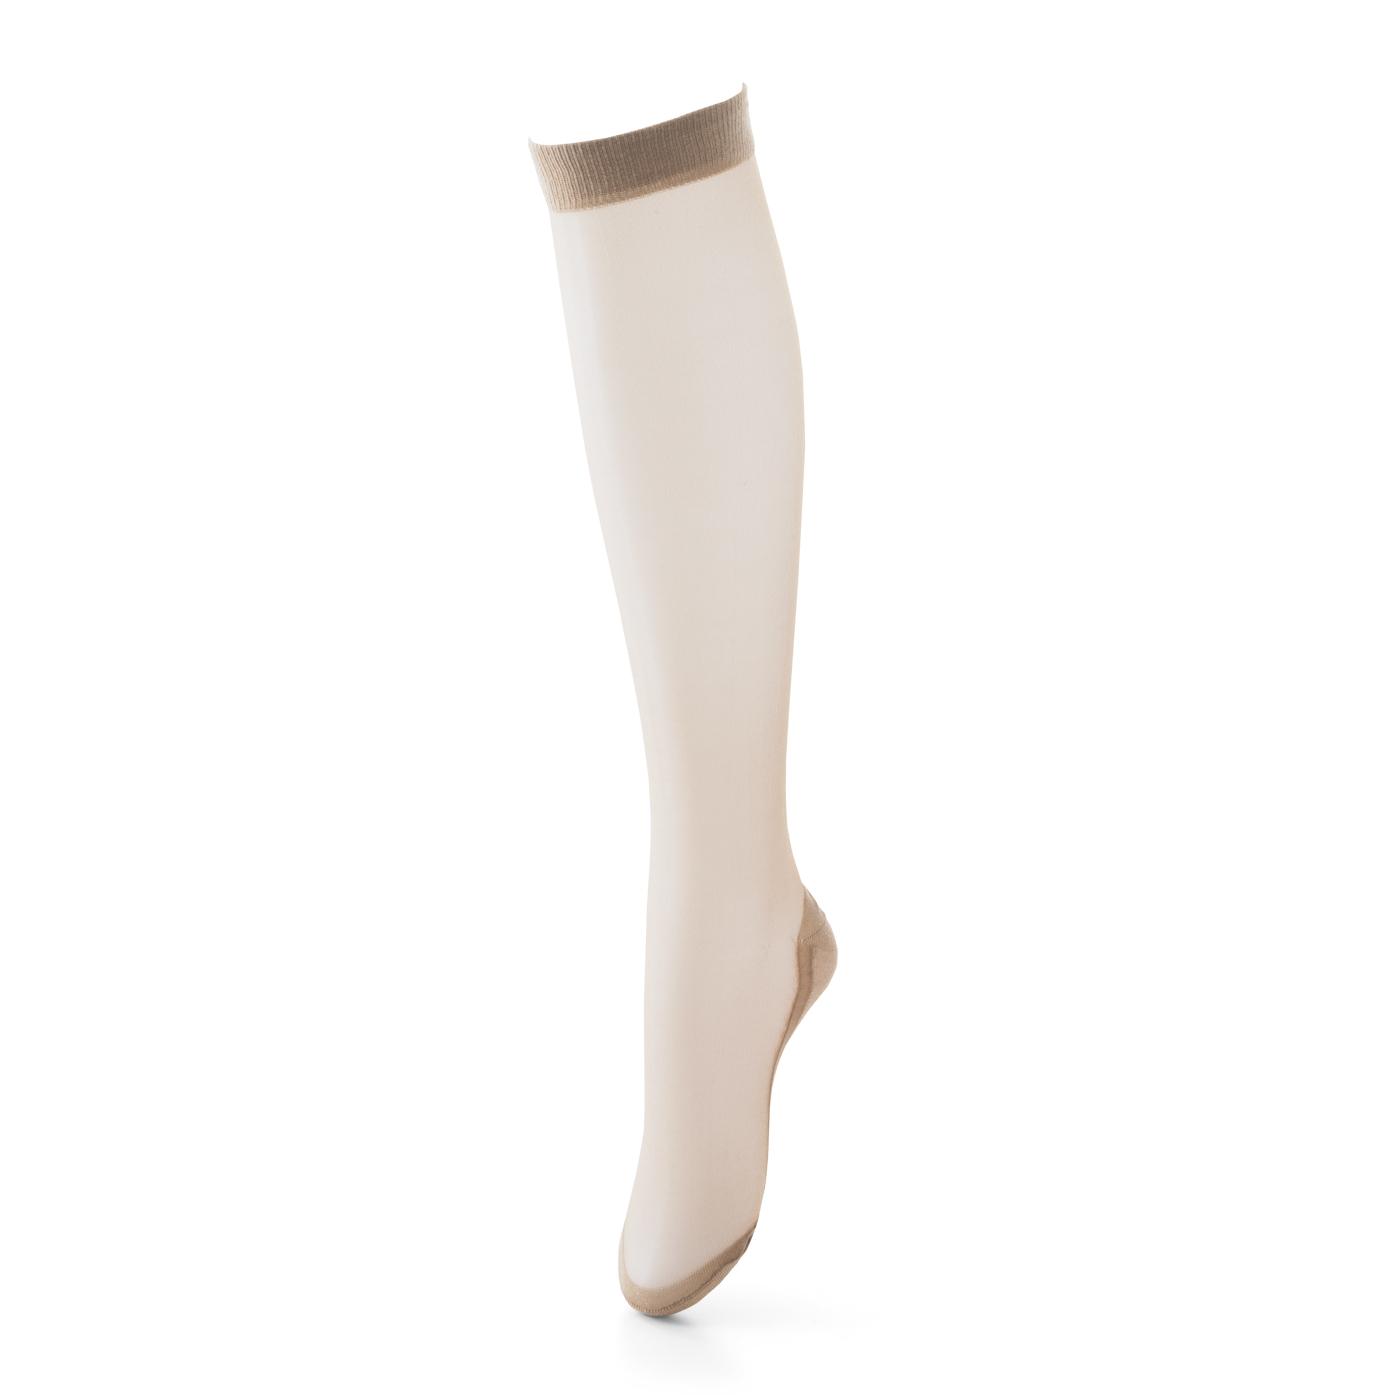 一見ストッキングなのに、靴の中は綿混素材の足裏生地でさらっと快適。